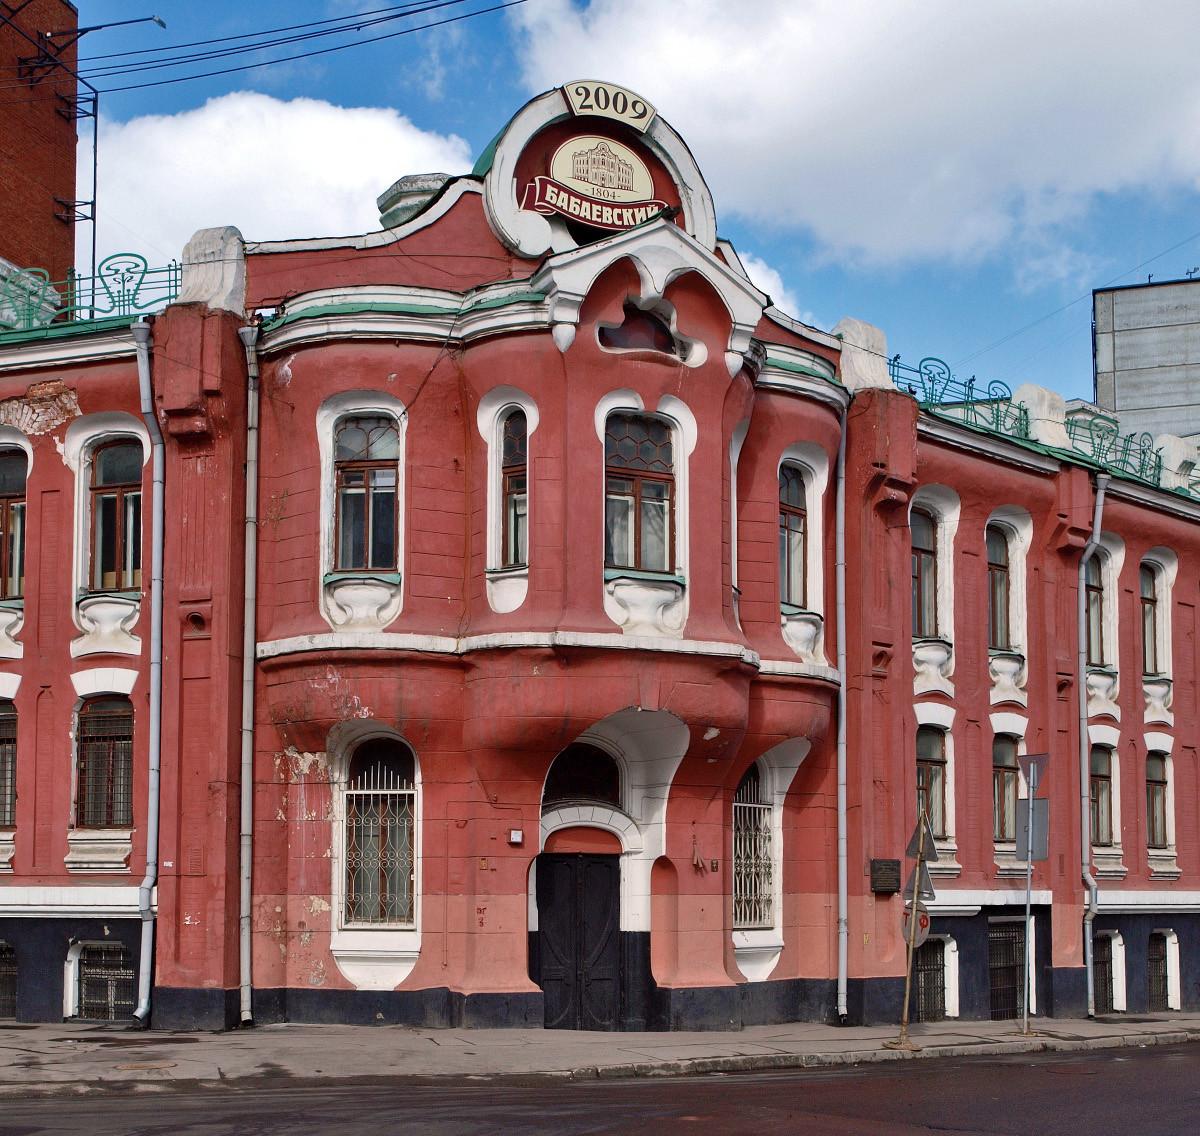 Die Süßwarenfabrik Babajewski ist in der ehemaligen Villa der Abrikossow-Dynastie in der Krasnosselskaja-Straße in Moskau untergebracht.